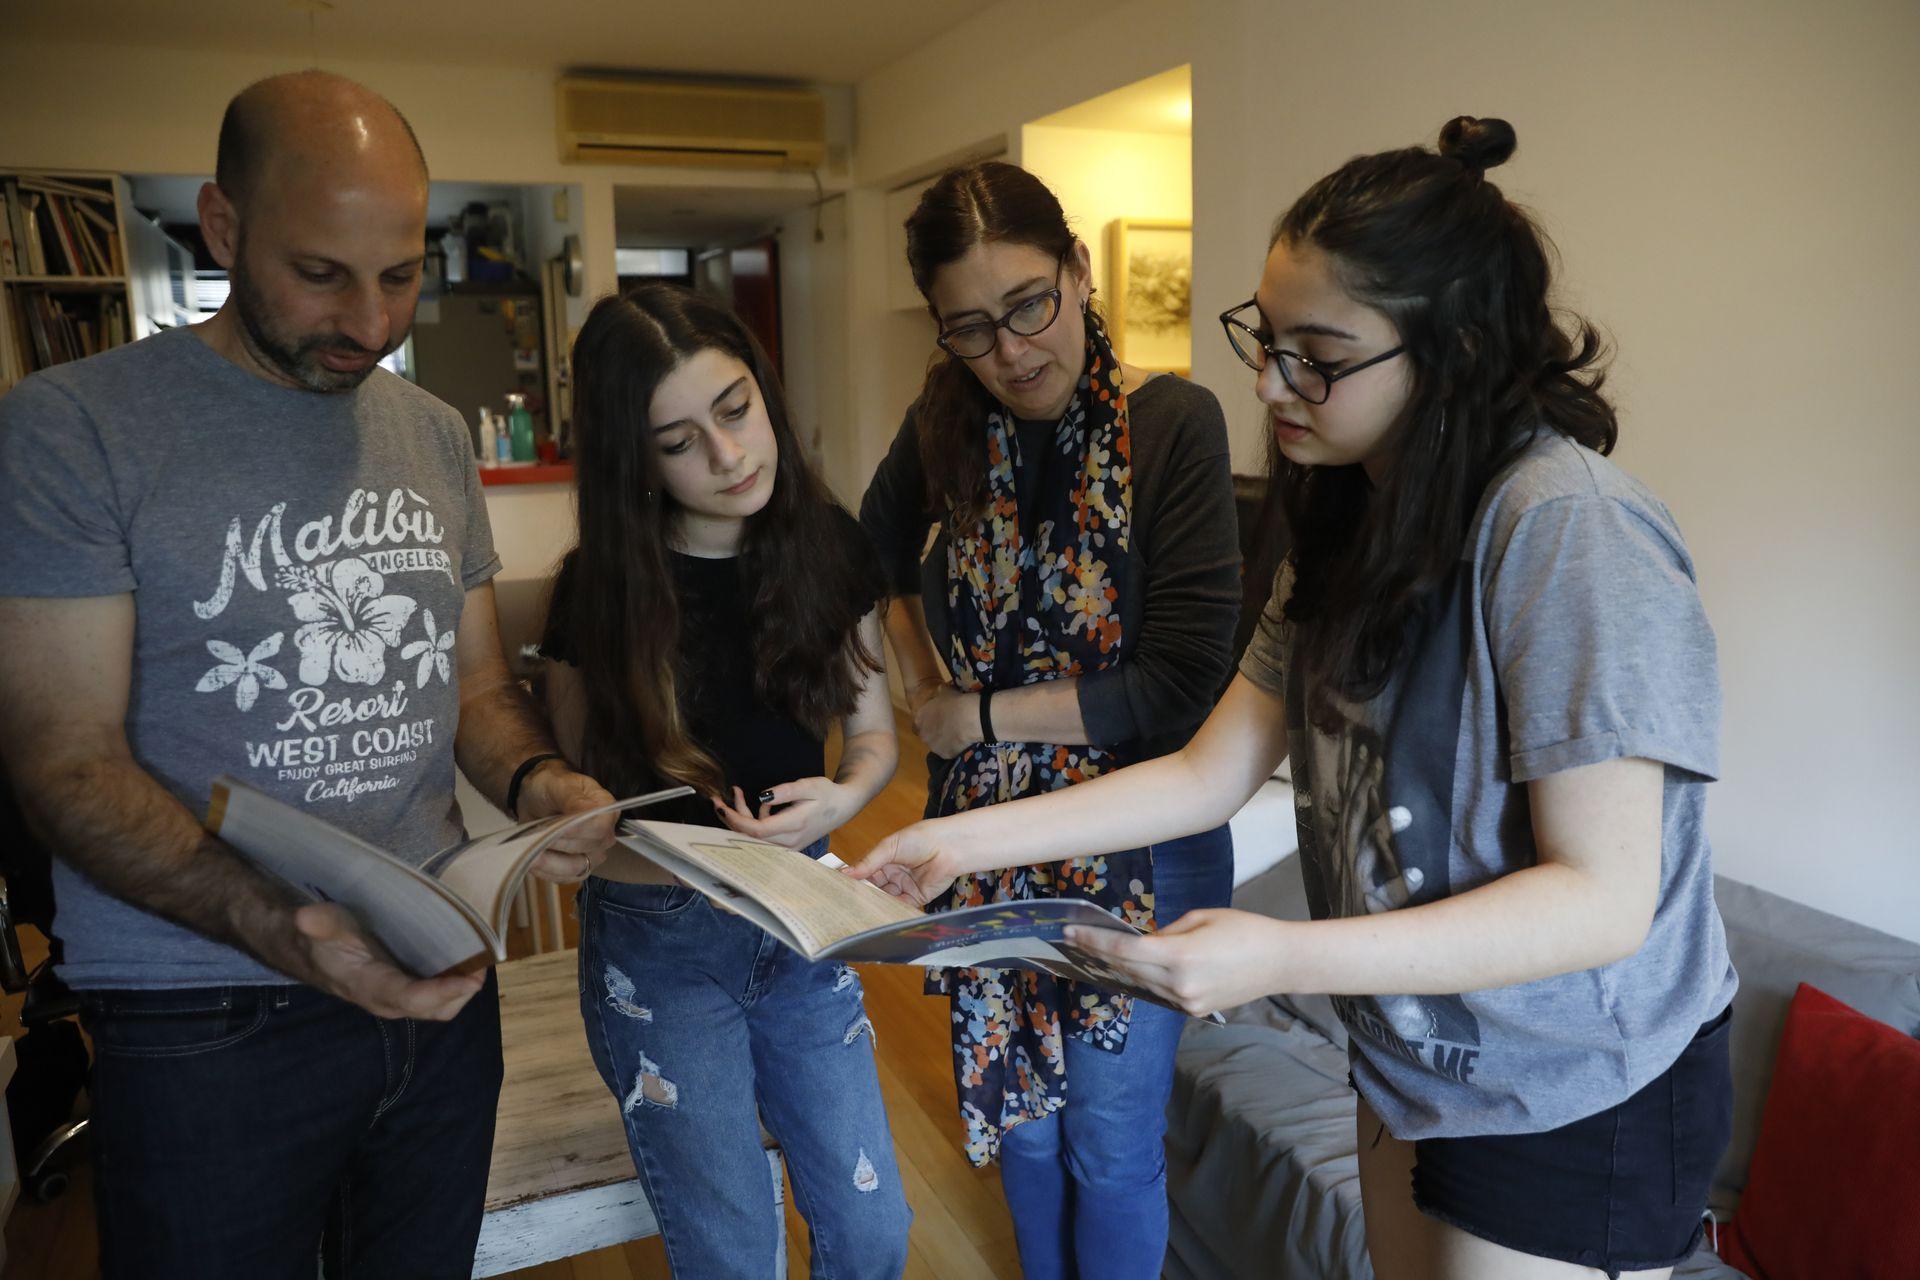 Las hijas de Magdalena y Darío prefirieron continuar en el mismo colegio en el que cursaron la primaria luego de conocer otras opciones